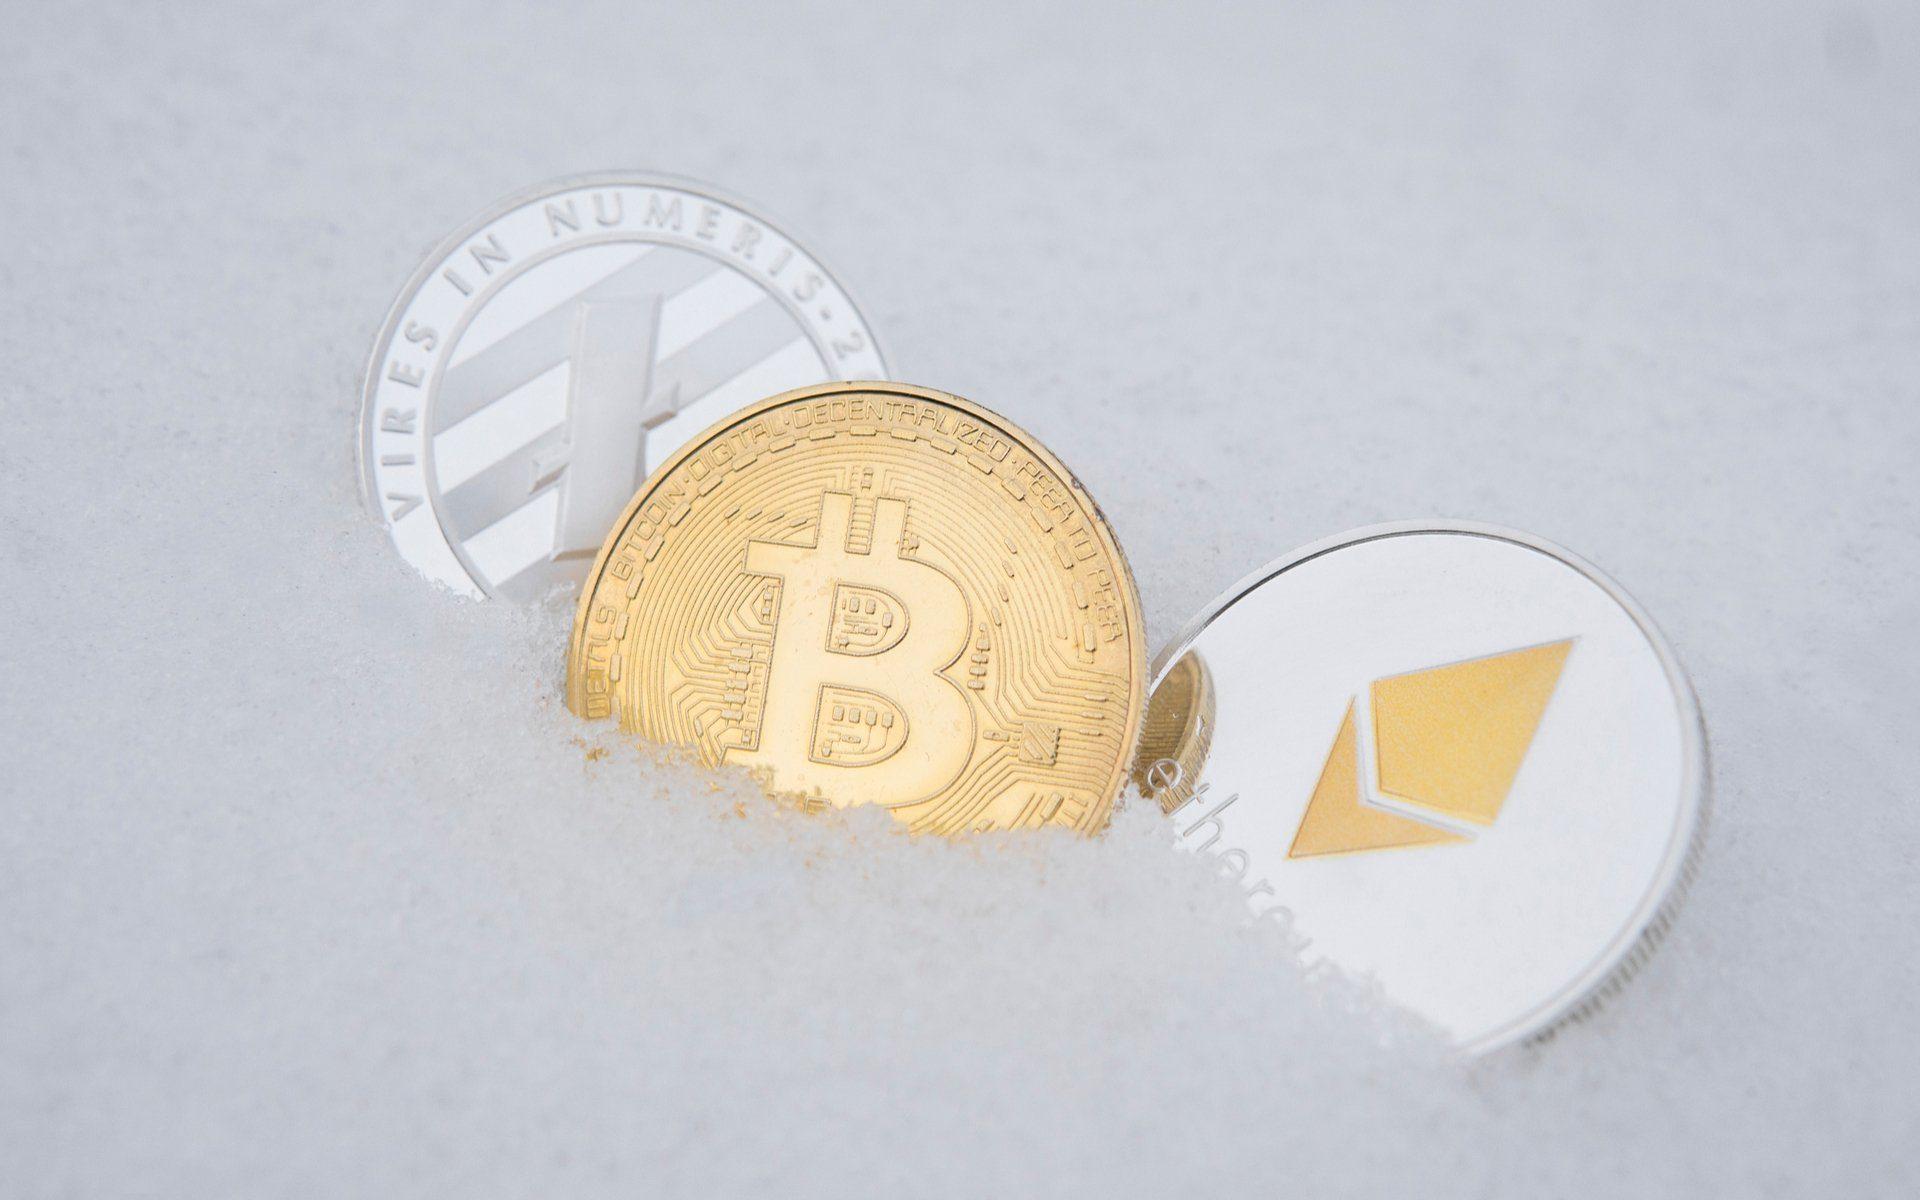 أسباب انهيار منصات تداول العملات الرقمية